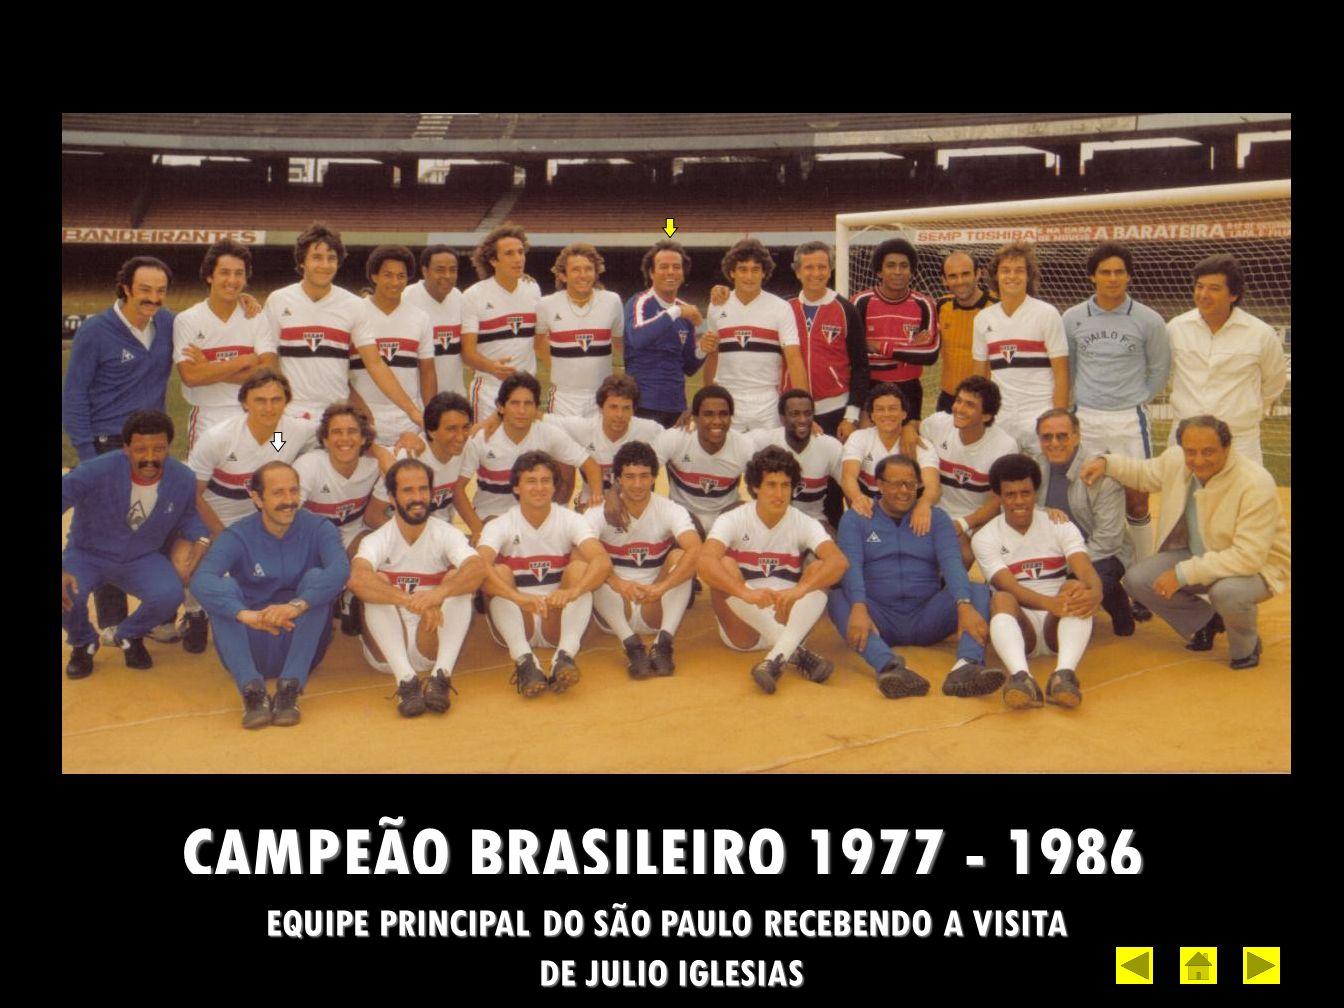 EQUIPE PRINCIPAL DO SÃO PAULO RECEBENDO A VISITA